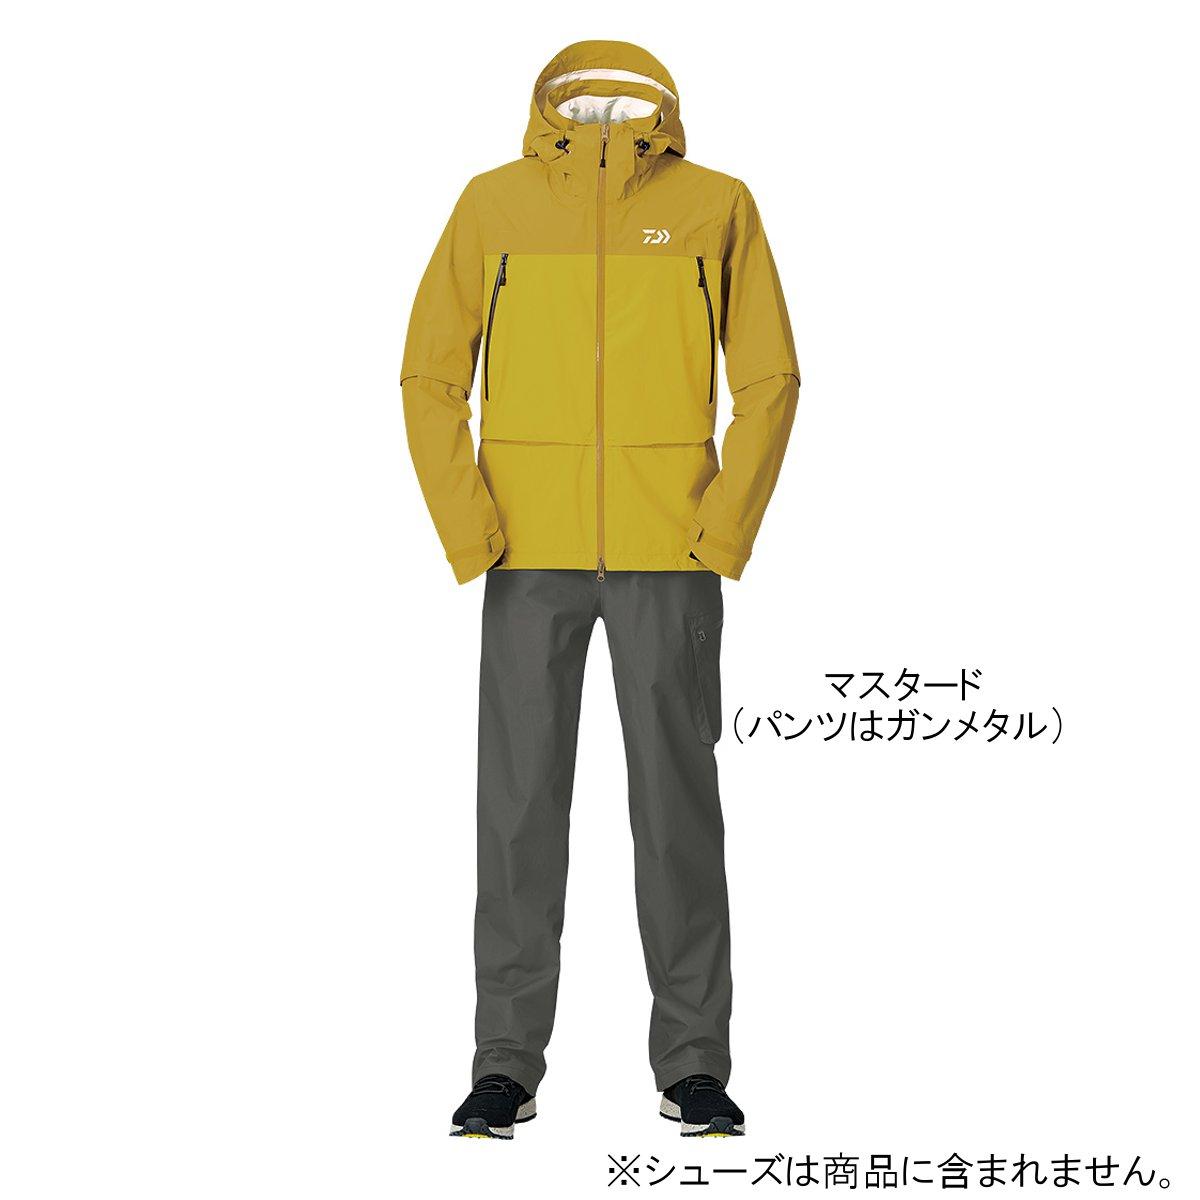 ダイワ レインマックス デタッチャブルレインスーツ DR-30009 XL マスタード【送料無料】